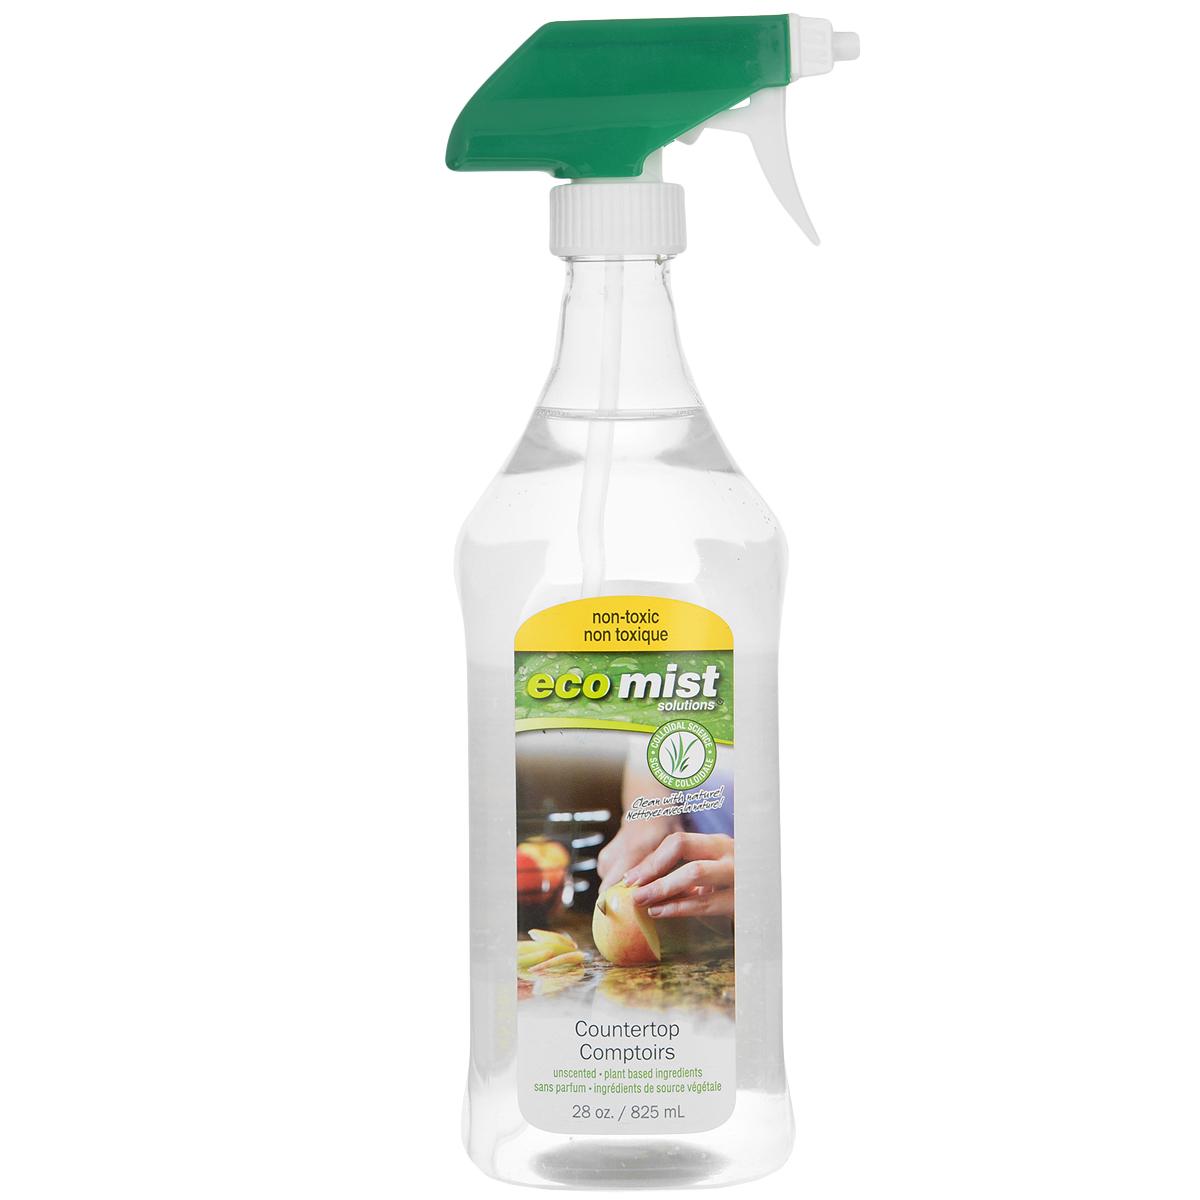 """Средство """"Eco Mist"""" предназначено для удаления пыли, грязи, плесени, грибка со всех видов каменных столешниц и предметов - гранитных, мраморных, известняковых, керамических. Незаменимое средство при уборке саун, бань и др. Придает сияющий вид и идеальную чистоту.  Состав: дехлорированная вода, обработанный экстракт кокосового ореха, сахарный тростник, экстракт зерна.  Как выбрать качественную бытовую химию, безопасную для природы и людей. Статья OZON Гид"""